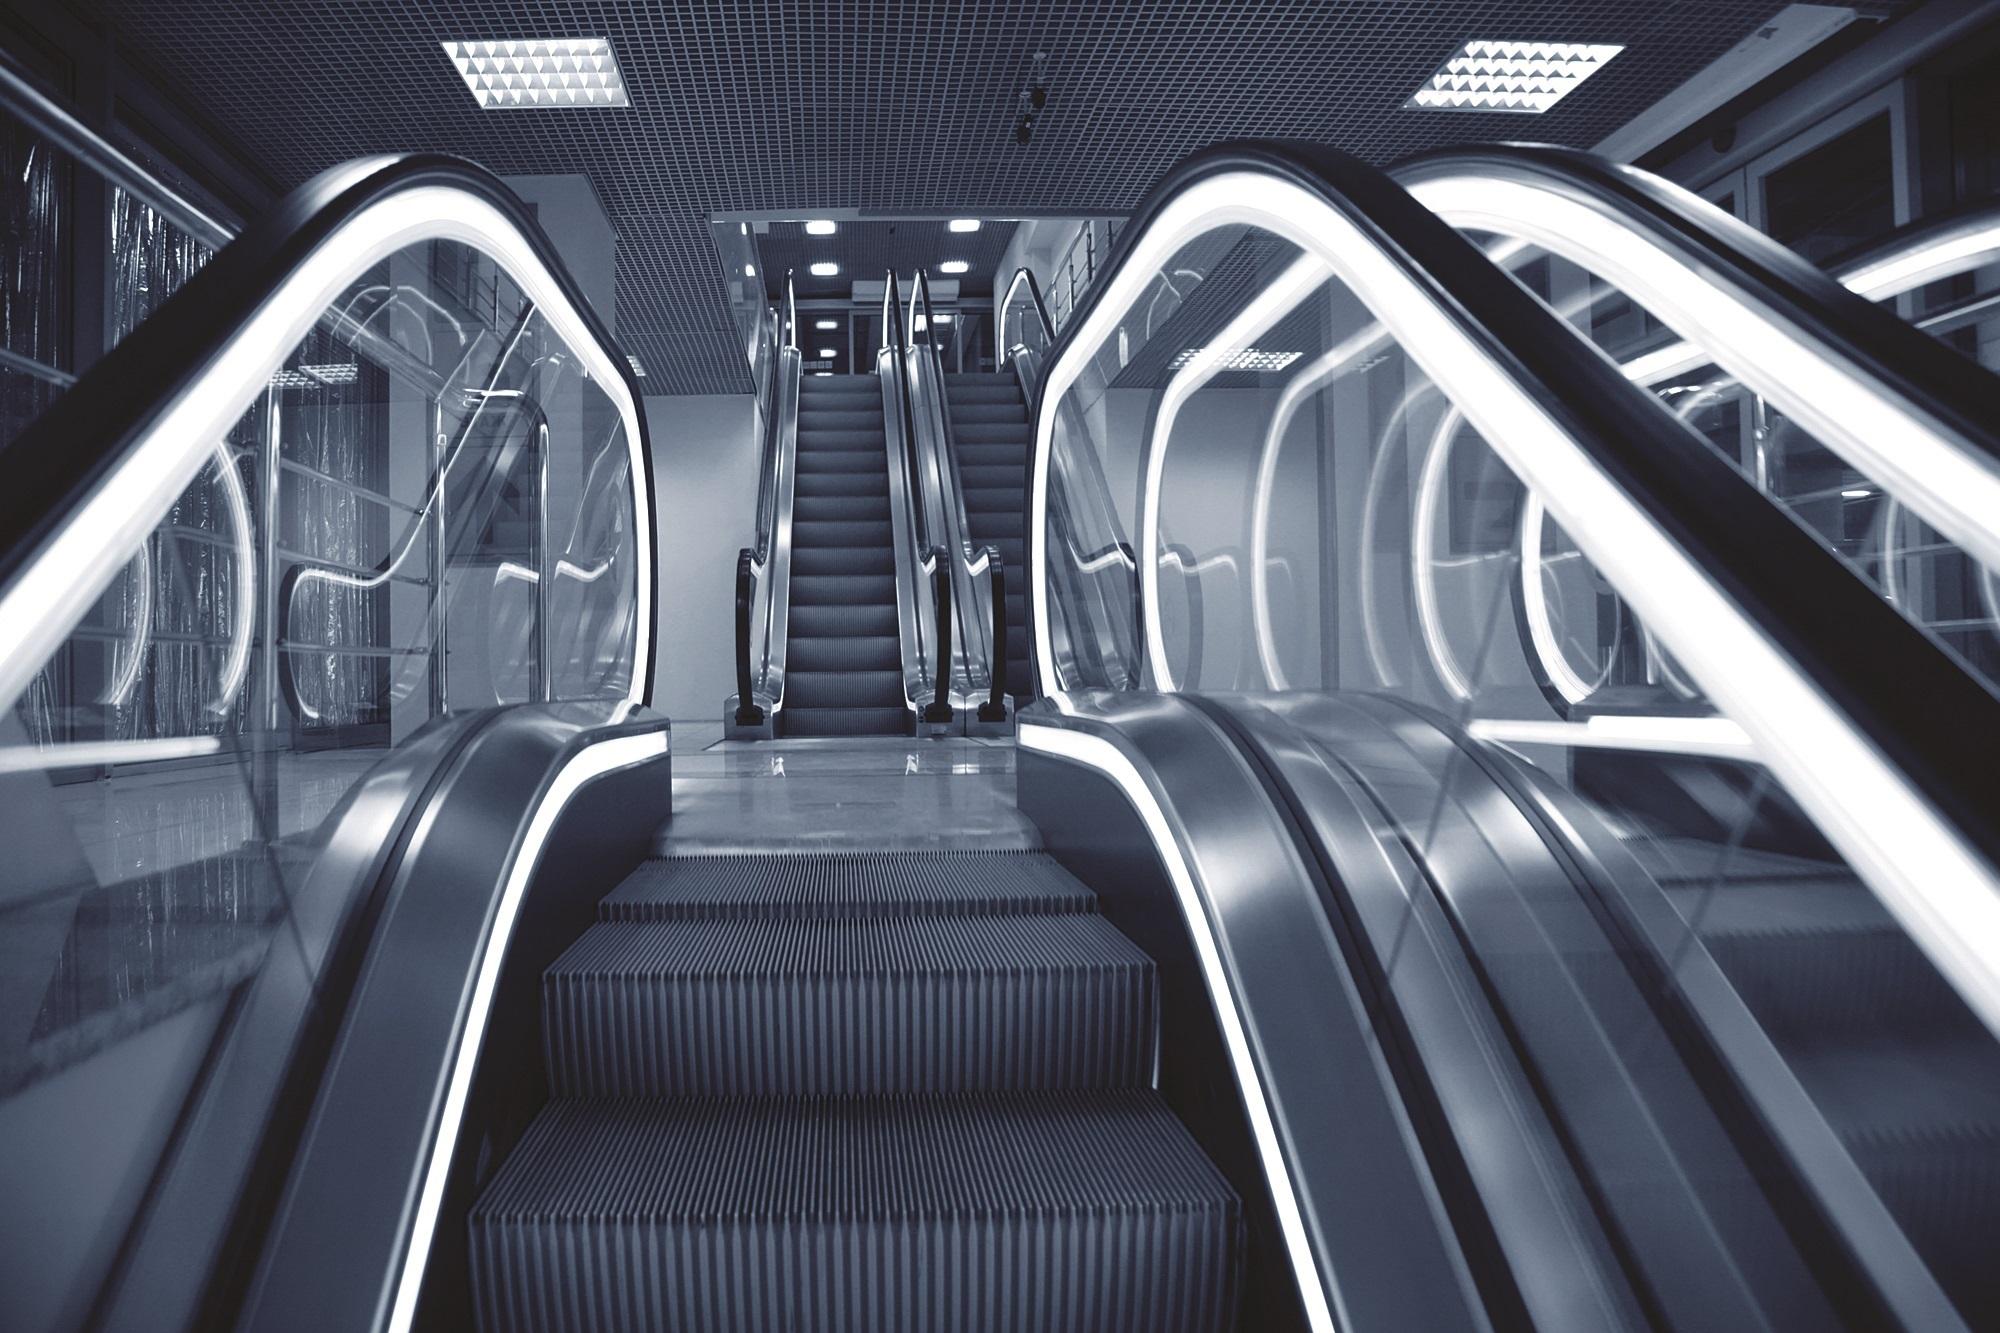 Tudo em esteiras, escadas rolantes e elevadores.